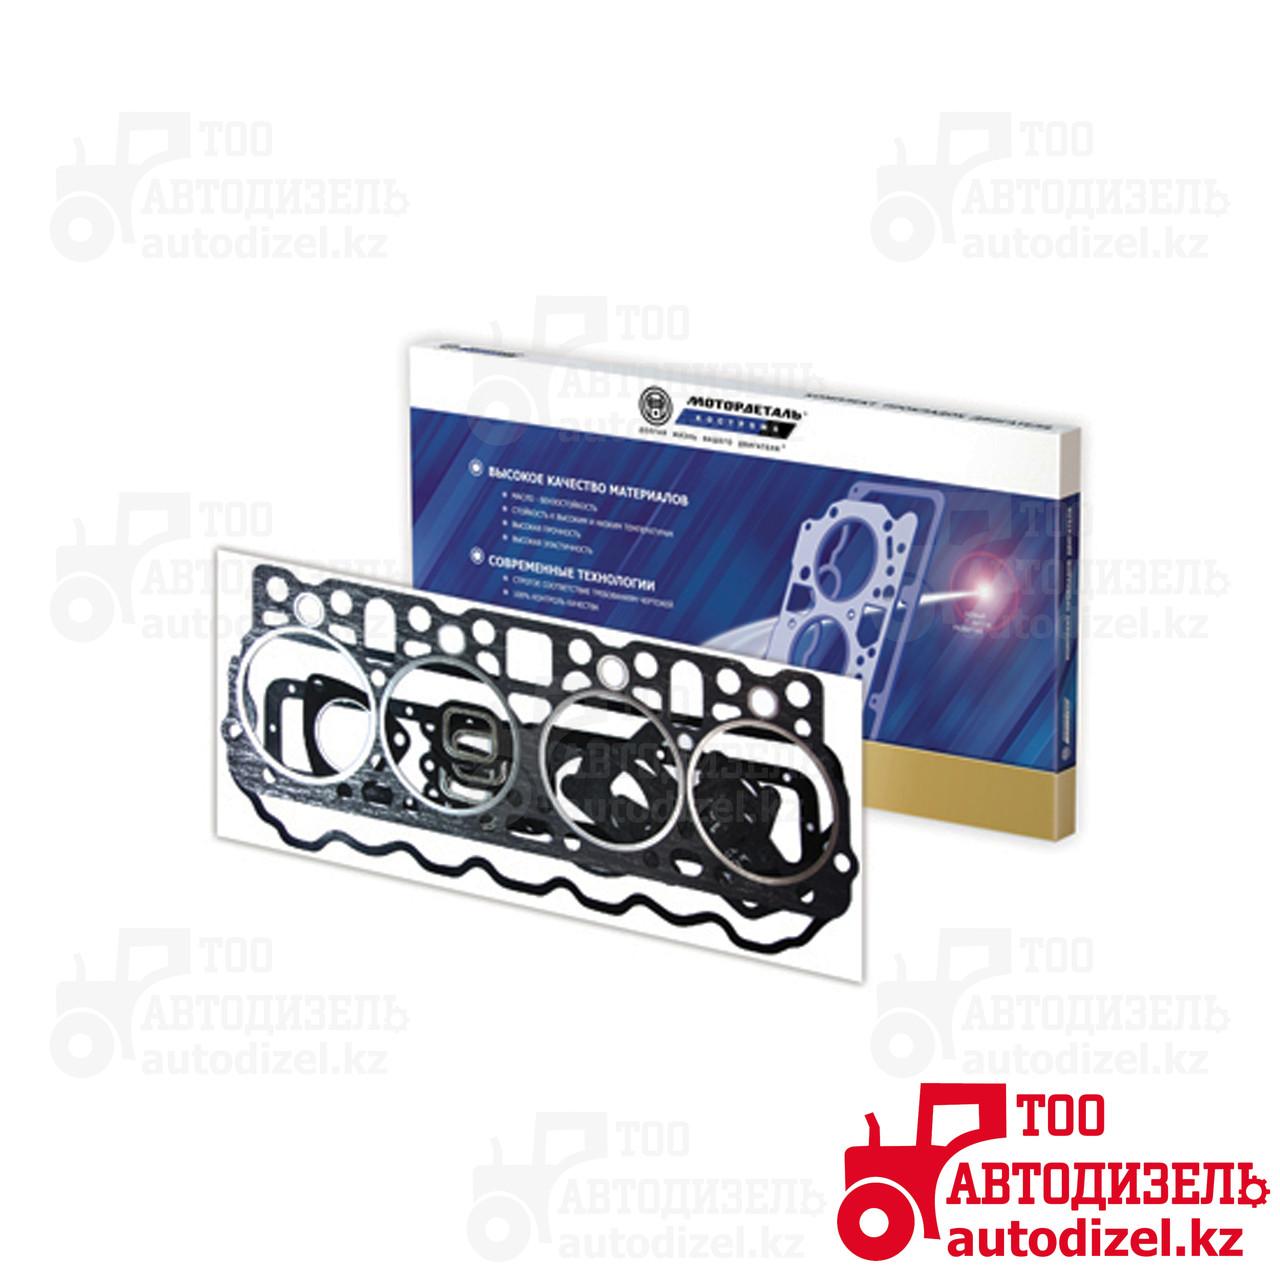 Комплект прокладок двигателя А-41 полный Кострома